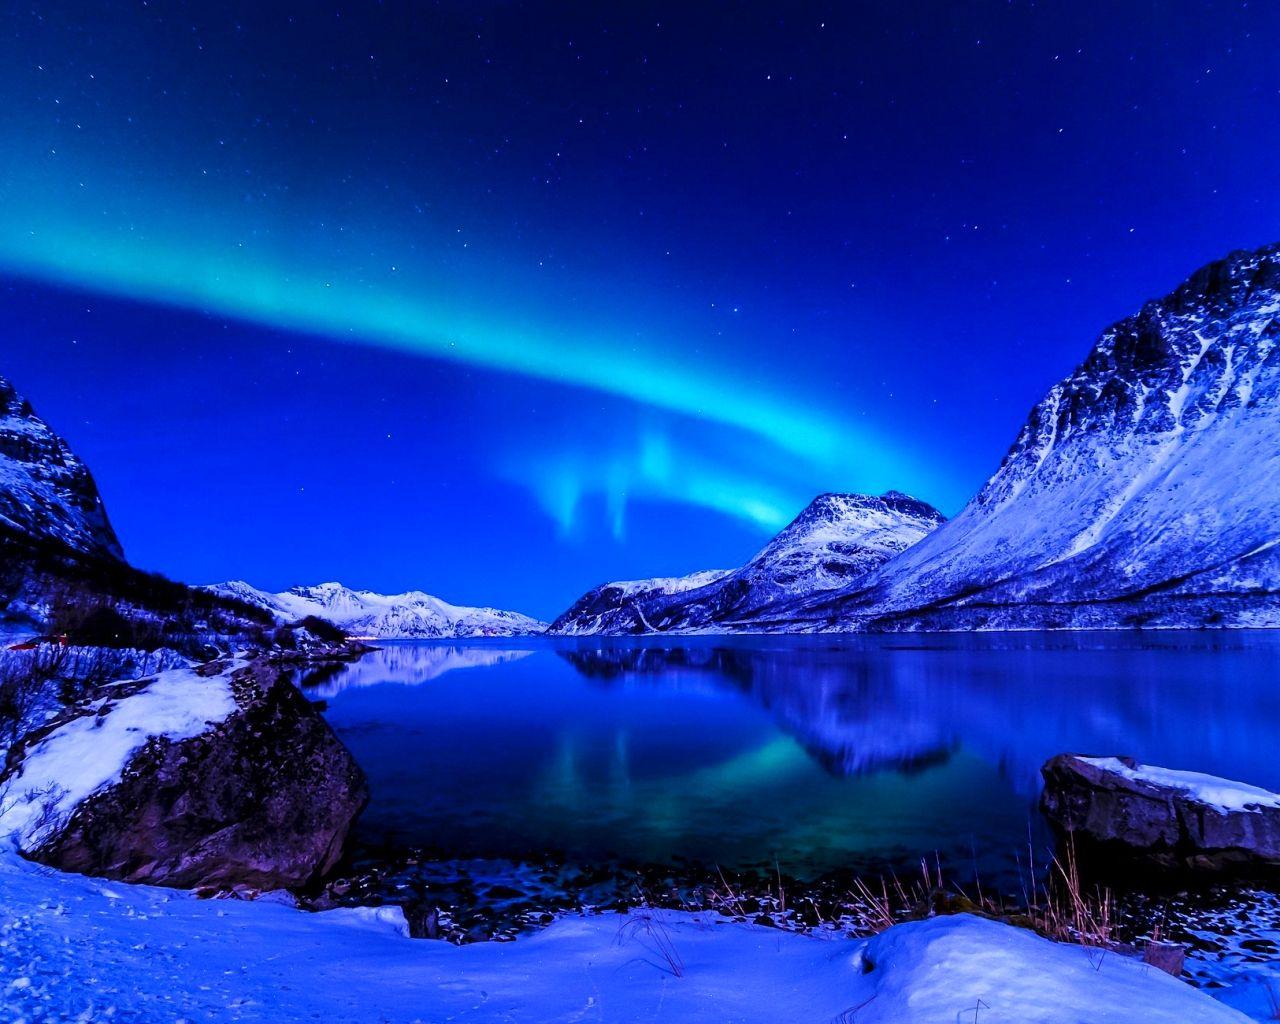 Beautiful Aurora Borealis Wallpapers Desktop Background Aurora Borealis Beautiful Backgrounds Desktop Wallpaper